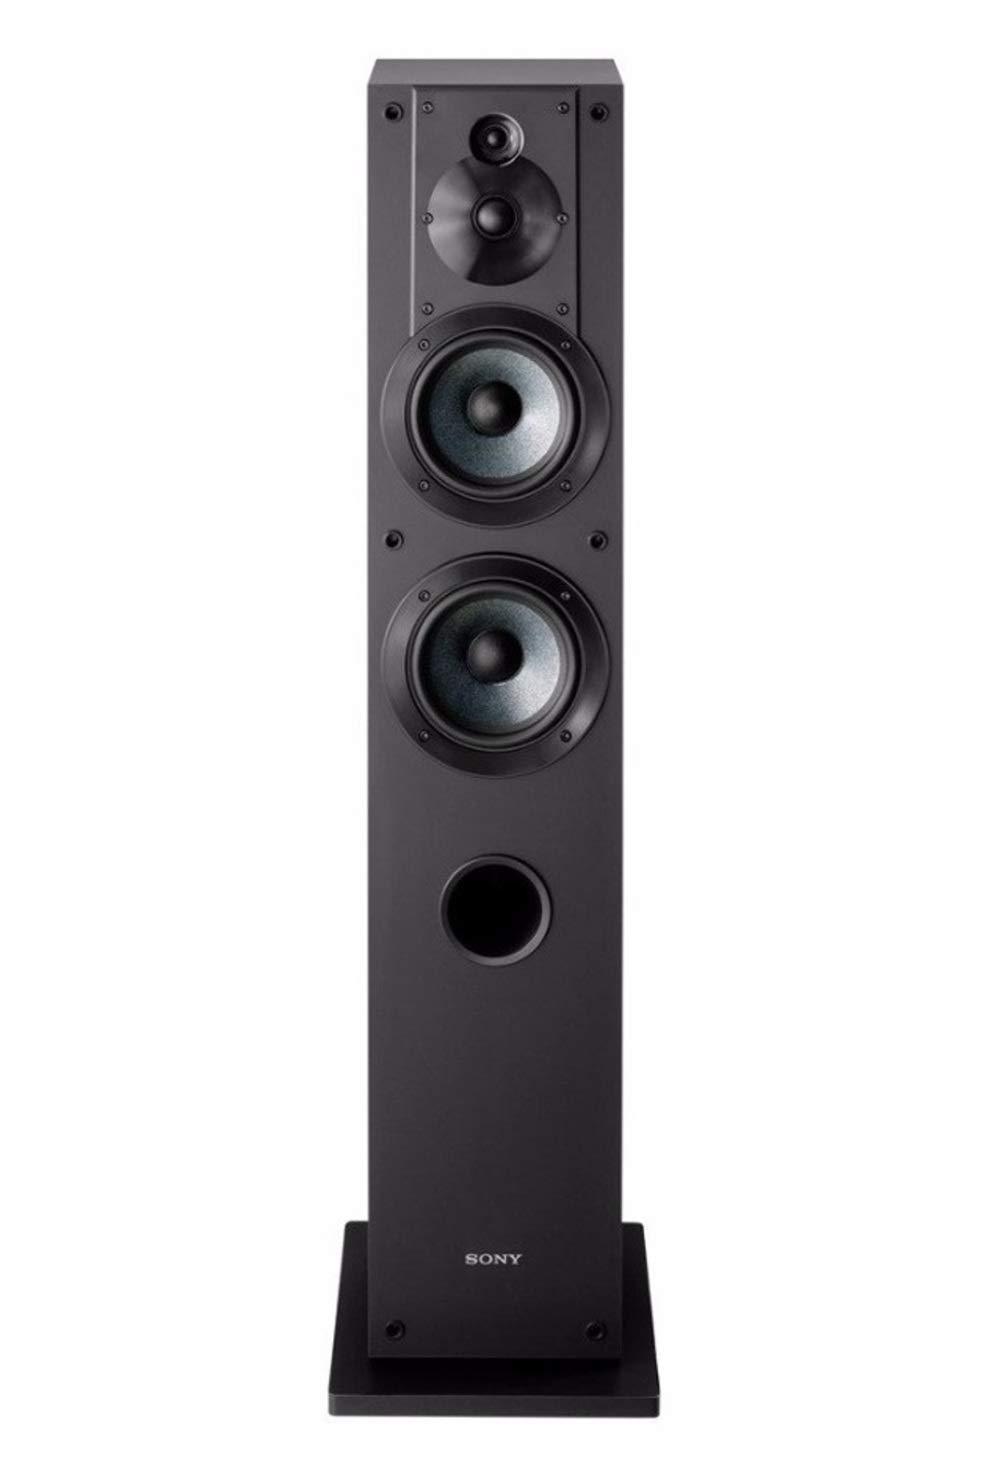 Amazon.com: Sony 3-Way 4-Driver Floor-Standing Speaker System (SSCS3 - Pair  (2) - 3-Way Floor-Standing Speaker): Electronics